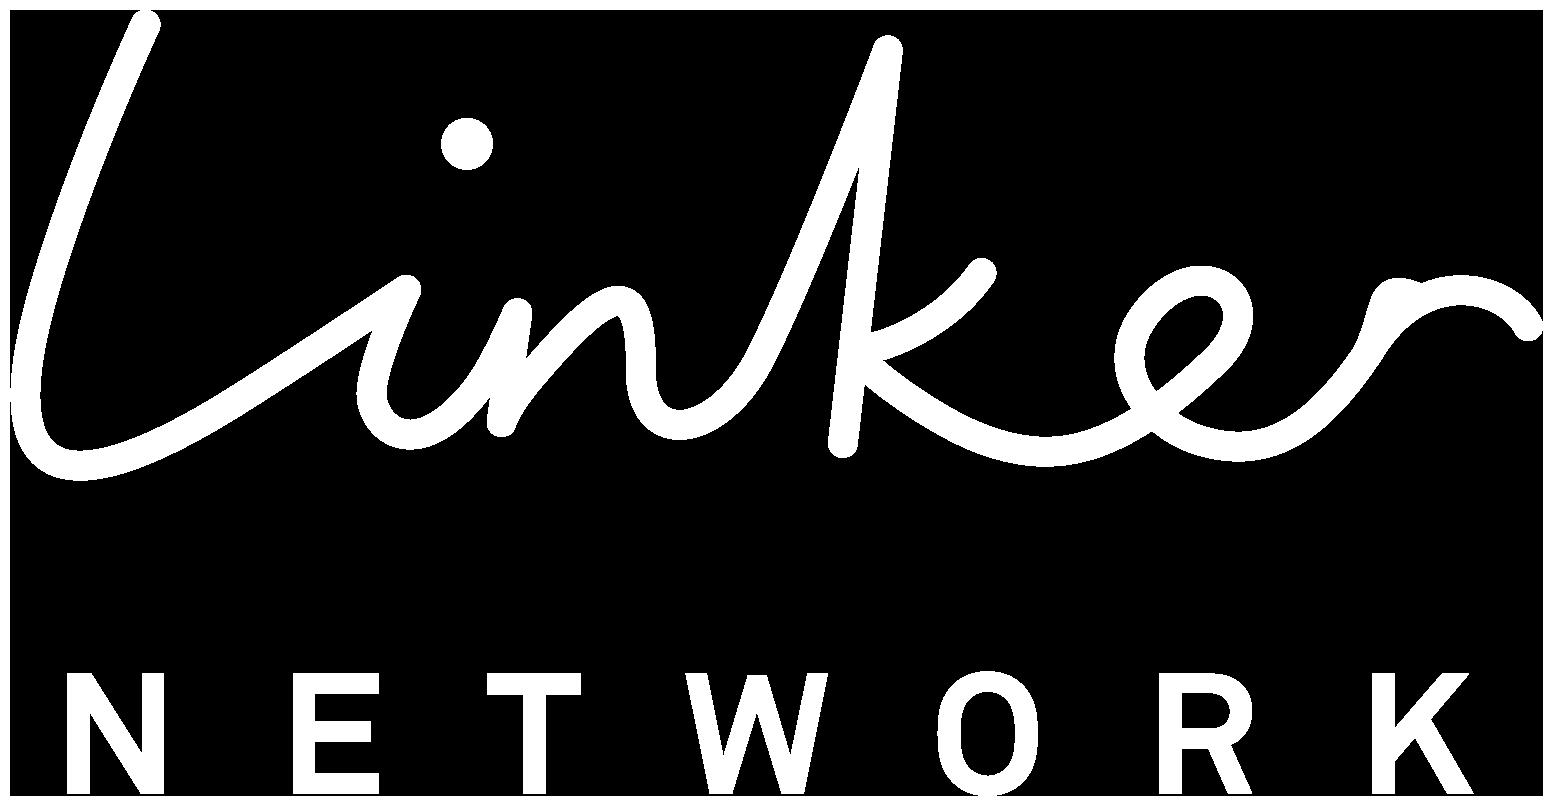 Linker Logo Large